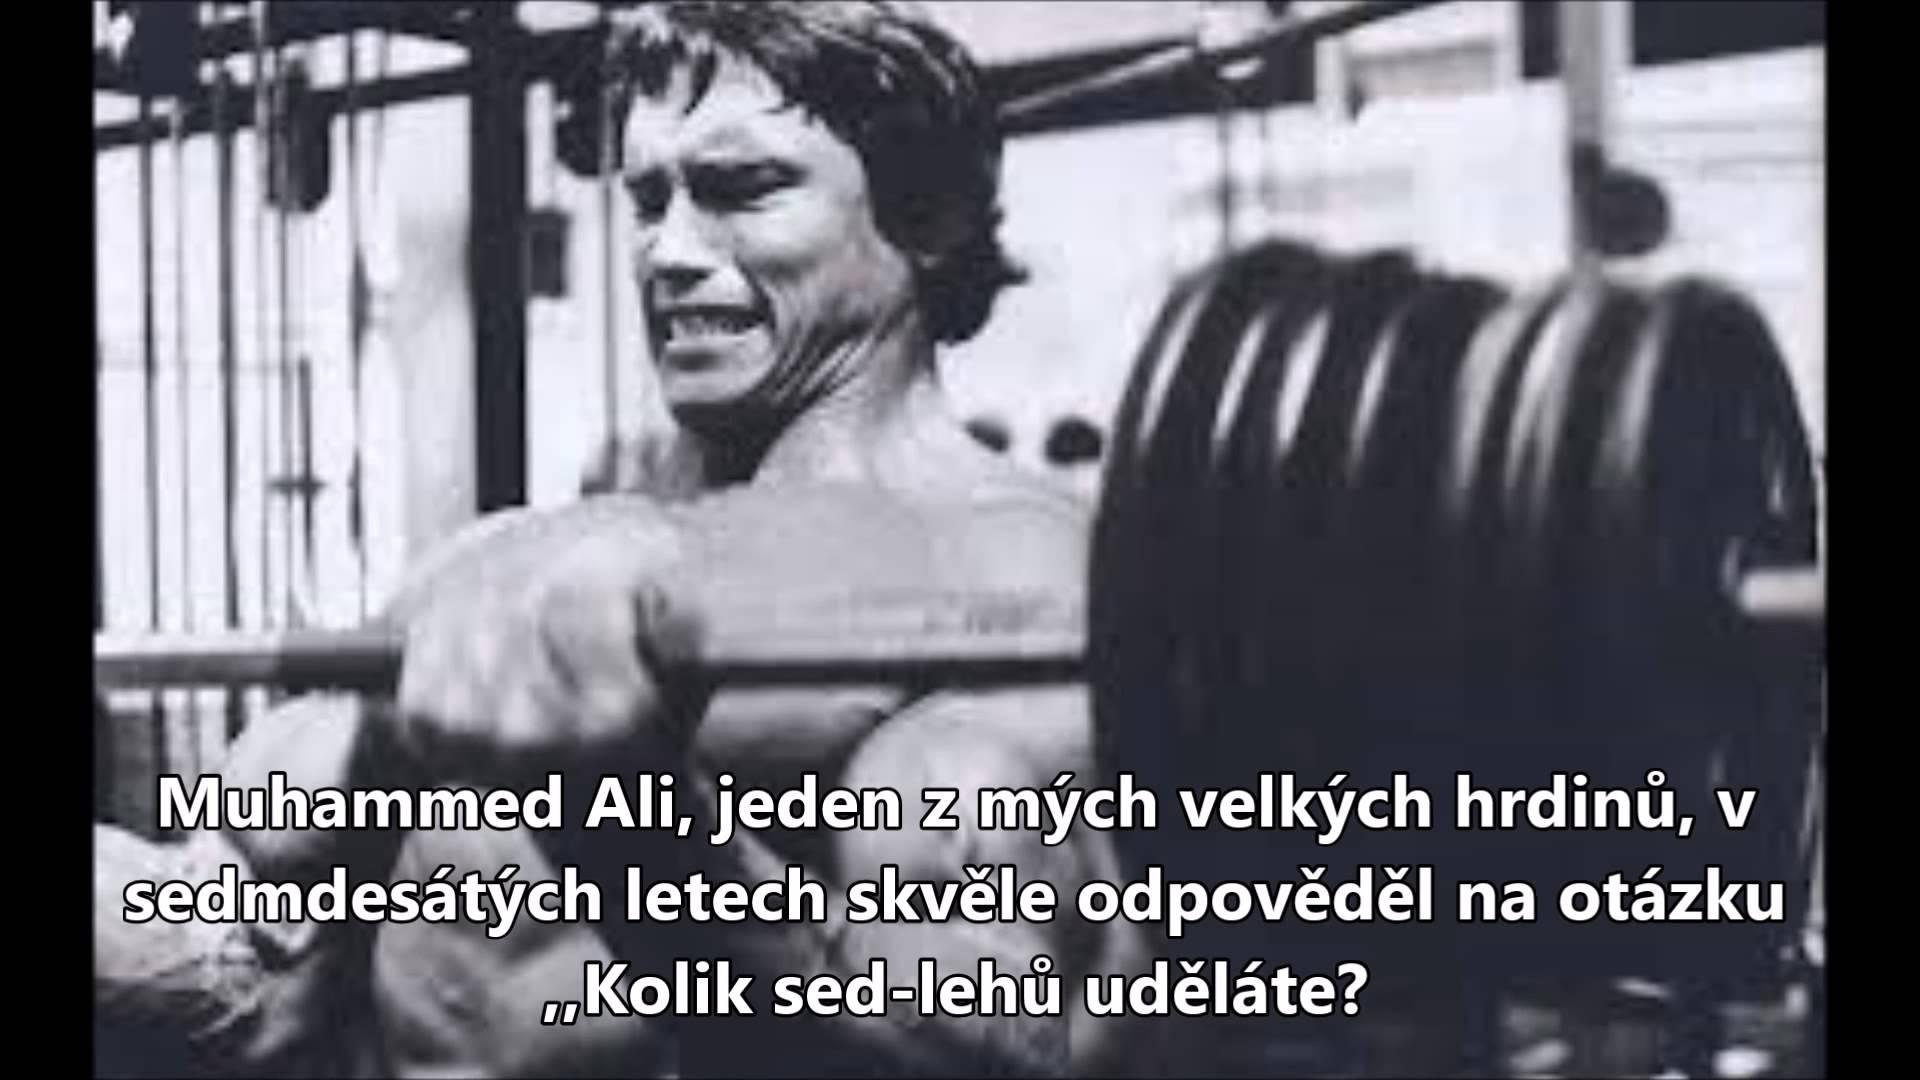 Chcete být nejlepší? Arnold Schwarzenegger odhaluje 6 tajemství úspěchu